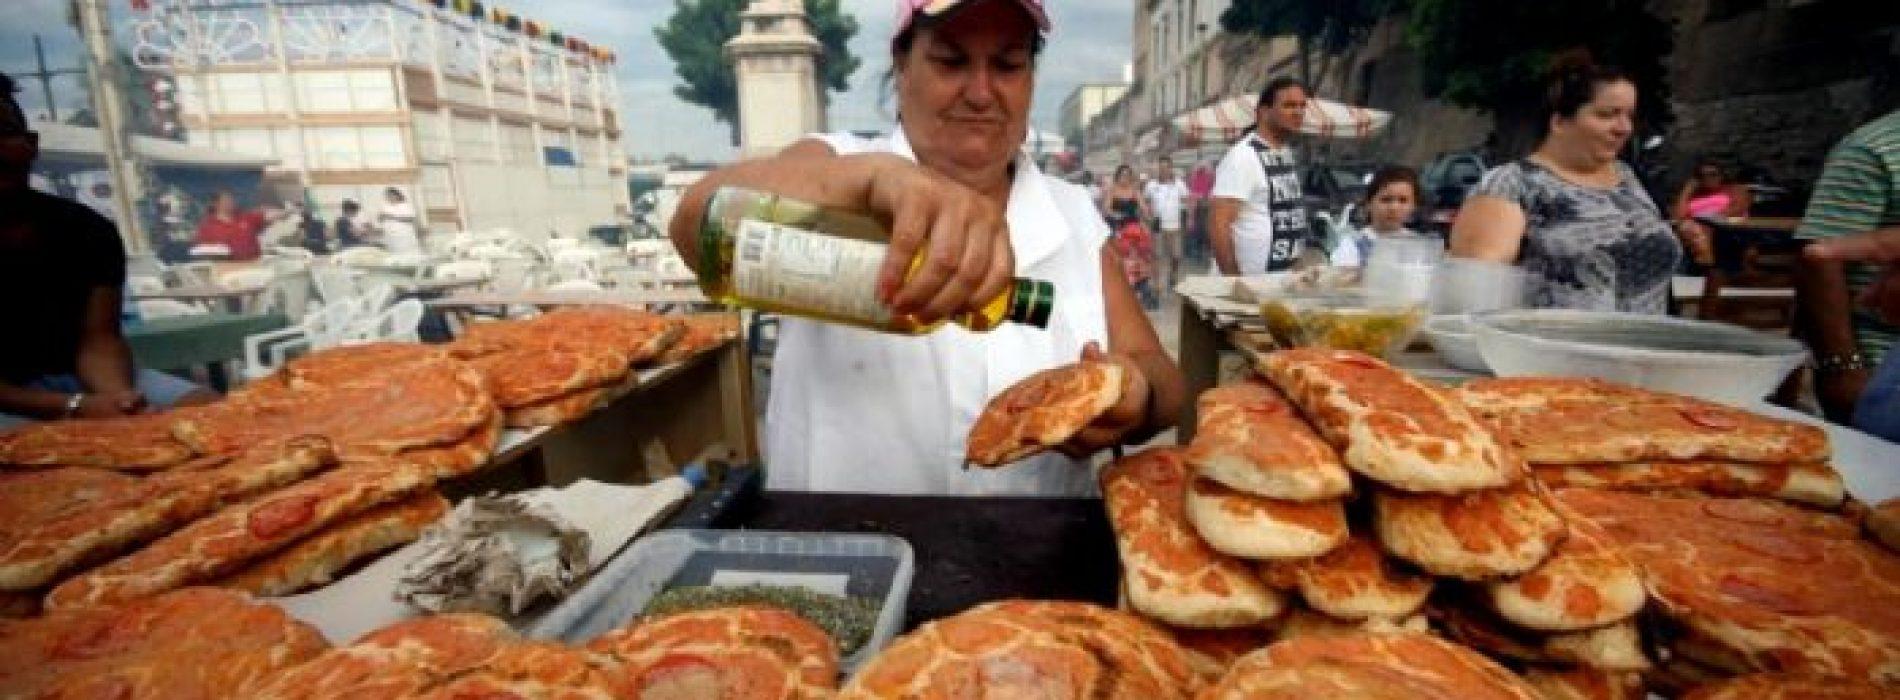 Dove mangiare a Palermo spendendo poco: le trattorie imperdibili